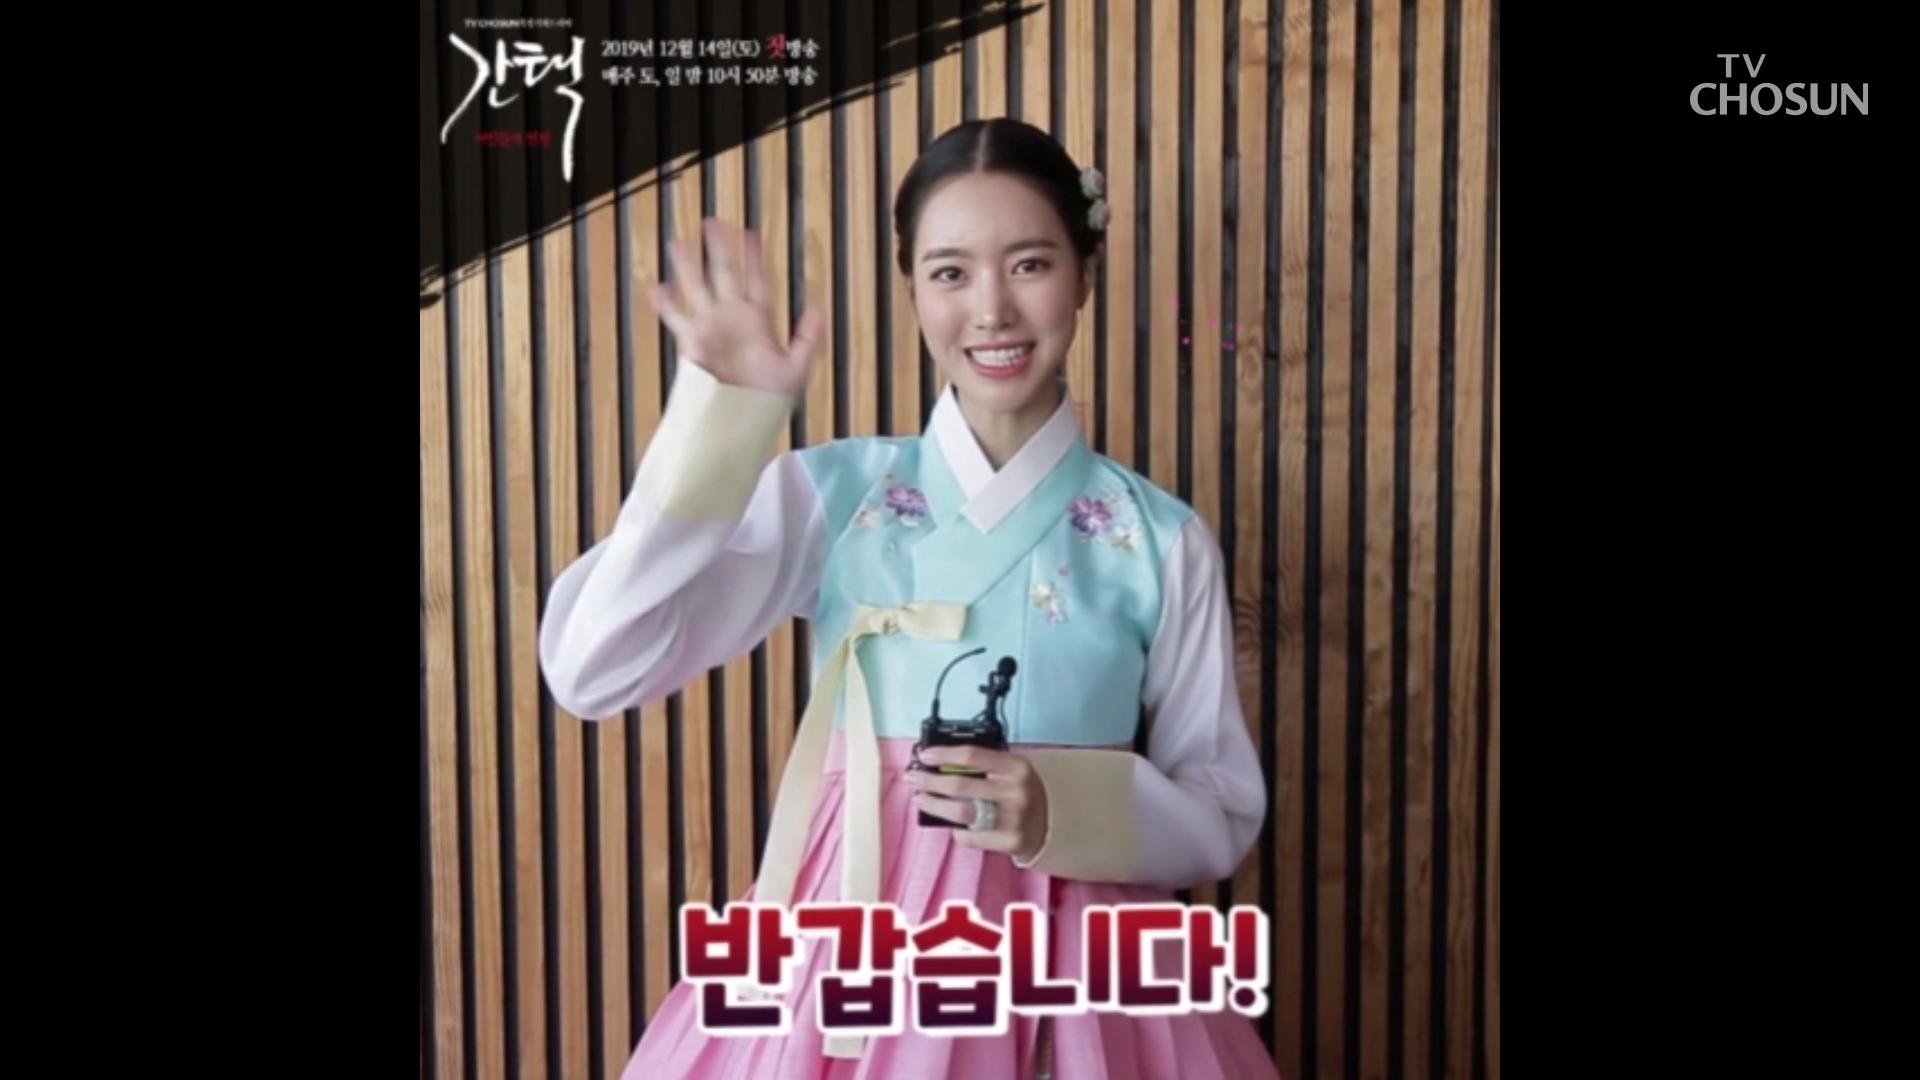 [메이킹] 간택-여인들의 전쟁 '강은보' 역 진세연 인사말 이미지